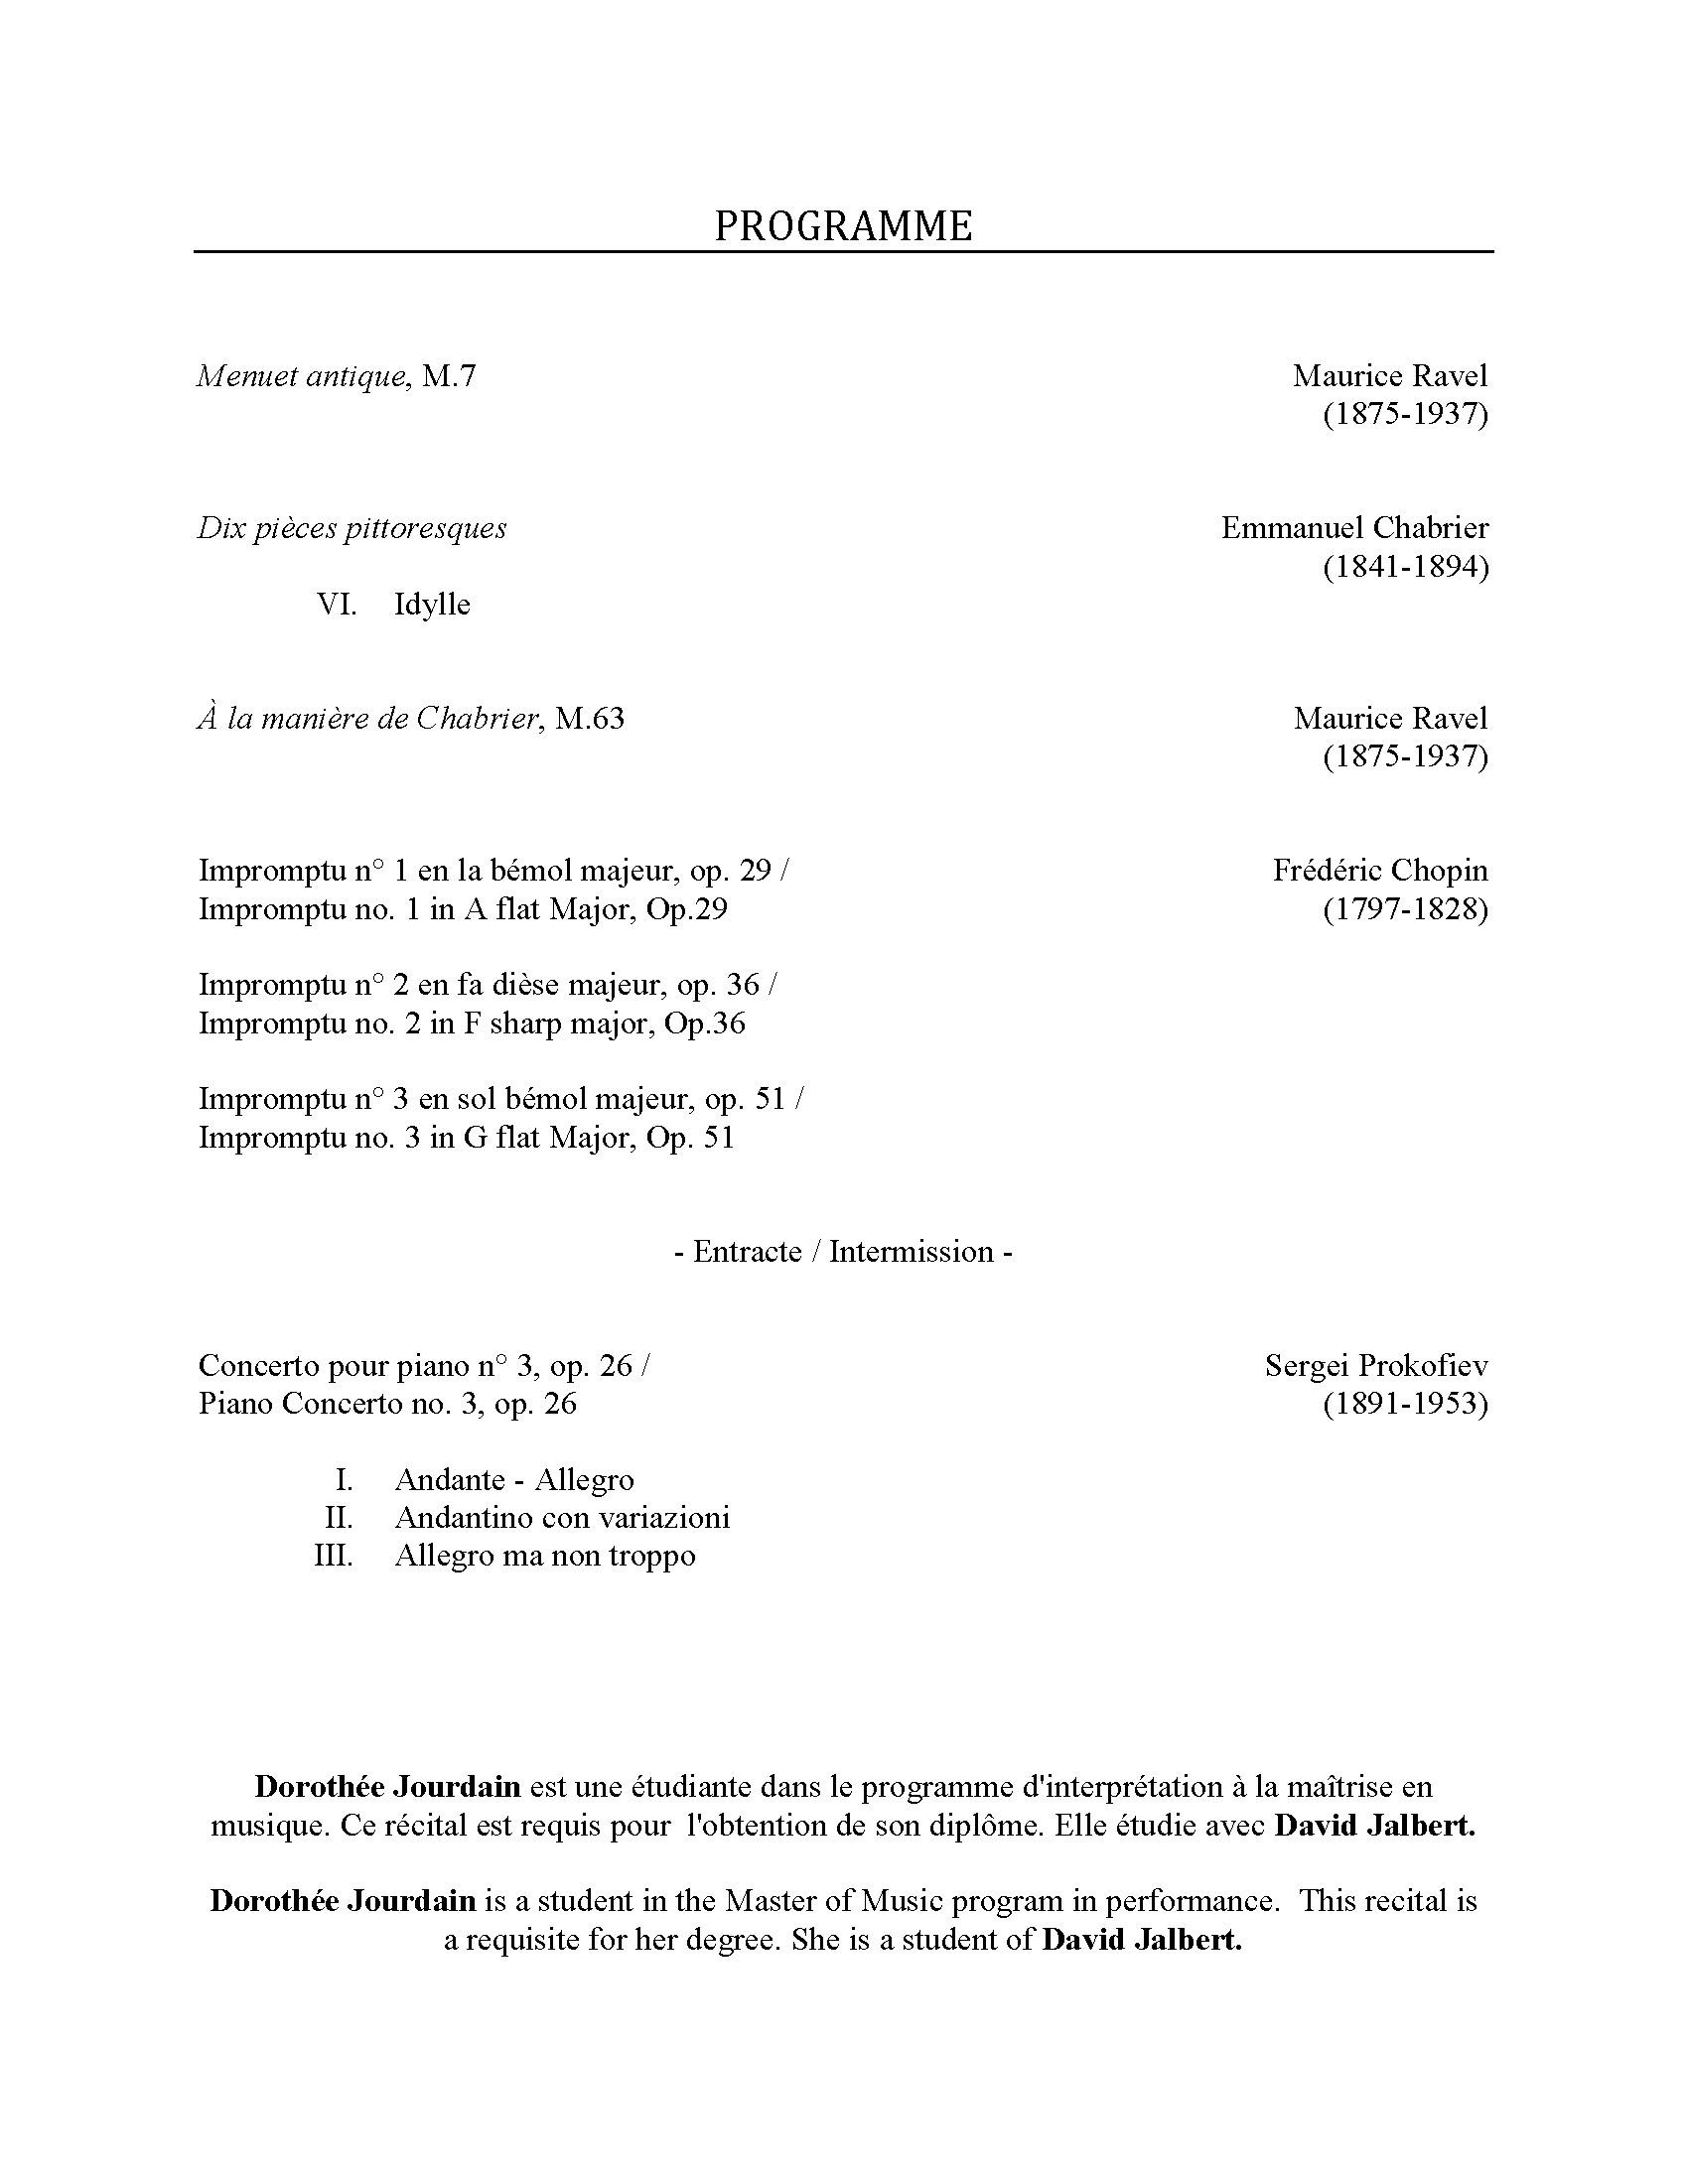 Recital program for Dorothée Jourdain, p. 2